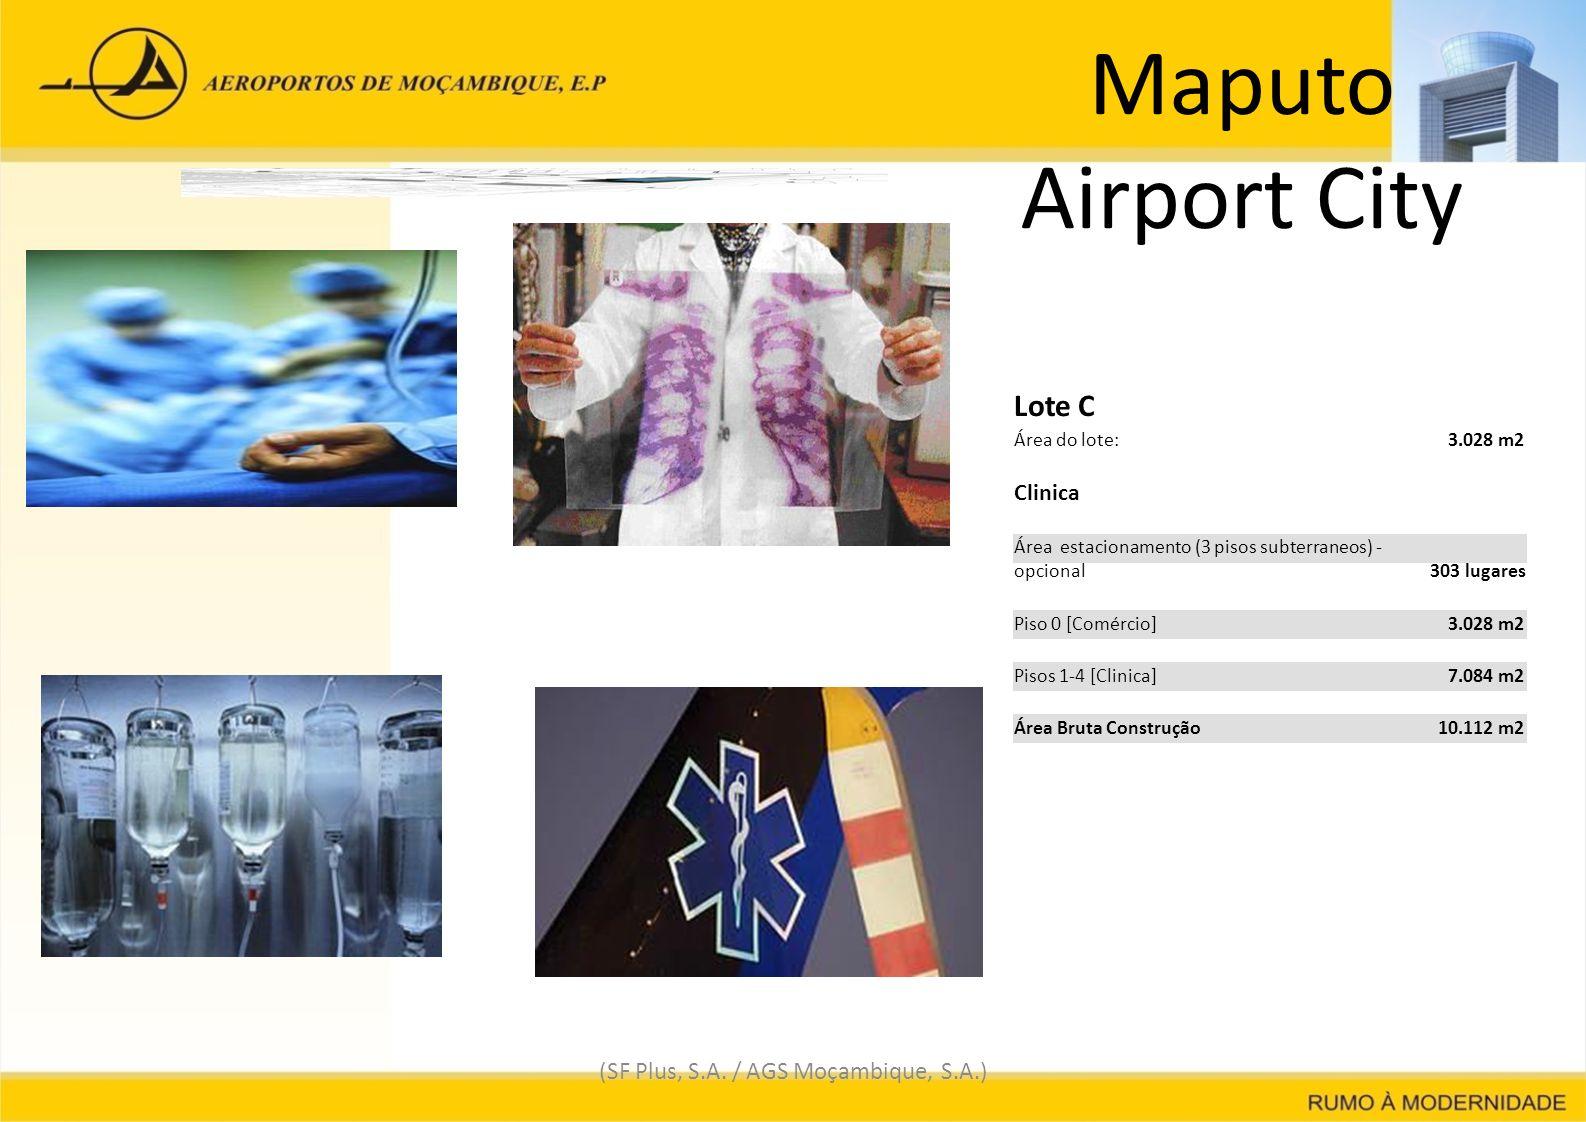 Maputo Airport City (SF Plus, S.A. / AGS Moçambique, S.A.) Lote C Área do lote: 3.028 m23.028 m2 Clinica Área estacionamento (3 pisos subterraneos) -